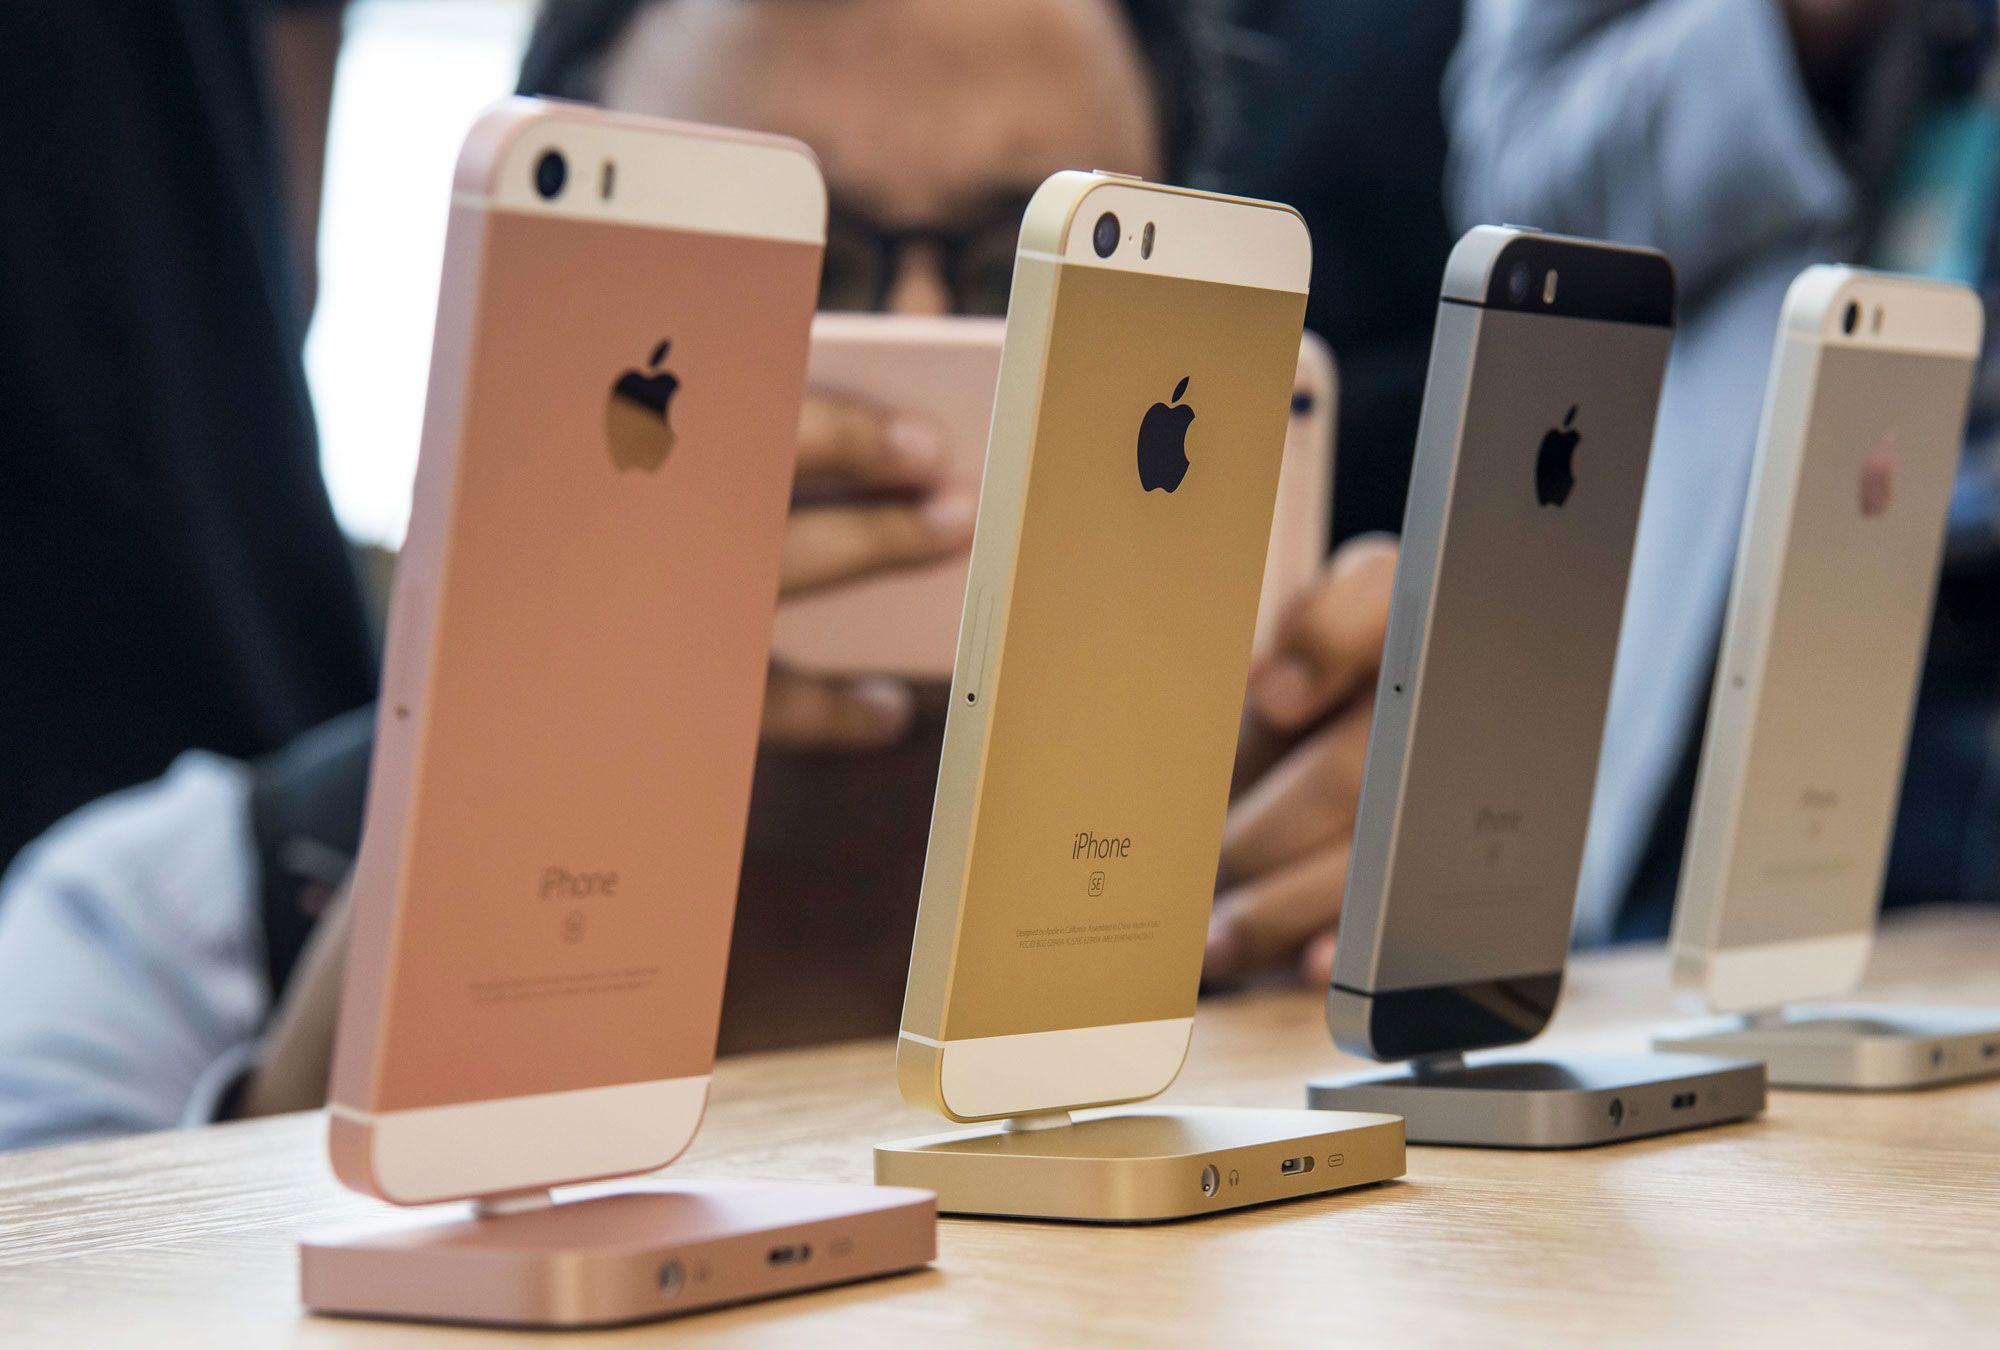 اپل در سال 2020 برای افزایش فروش چهار گوشی وارد بازار میکند